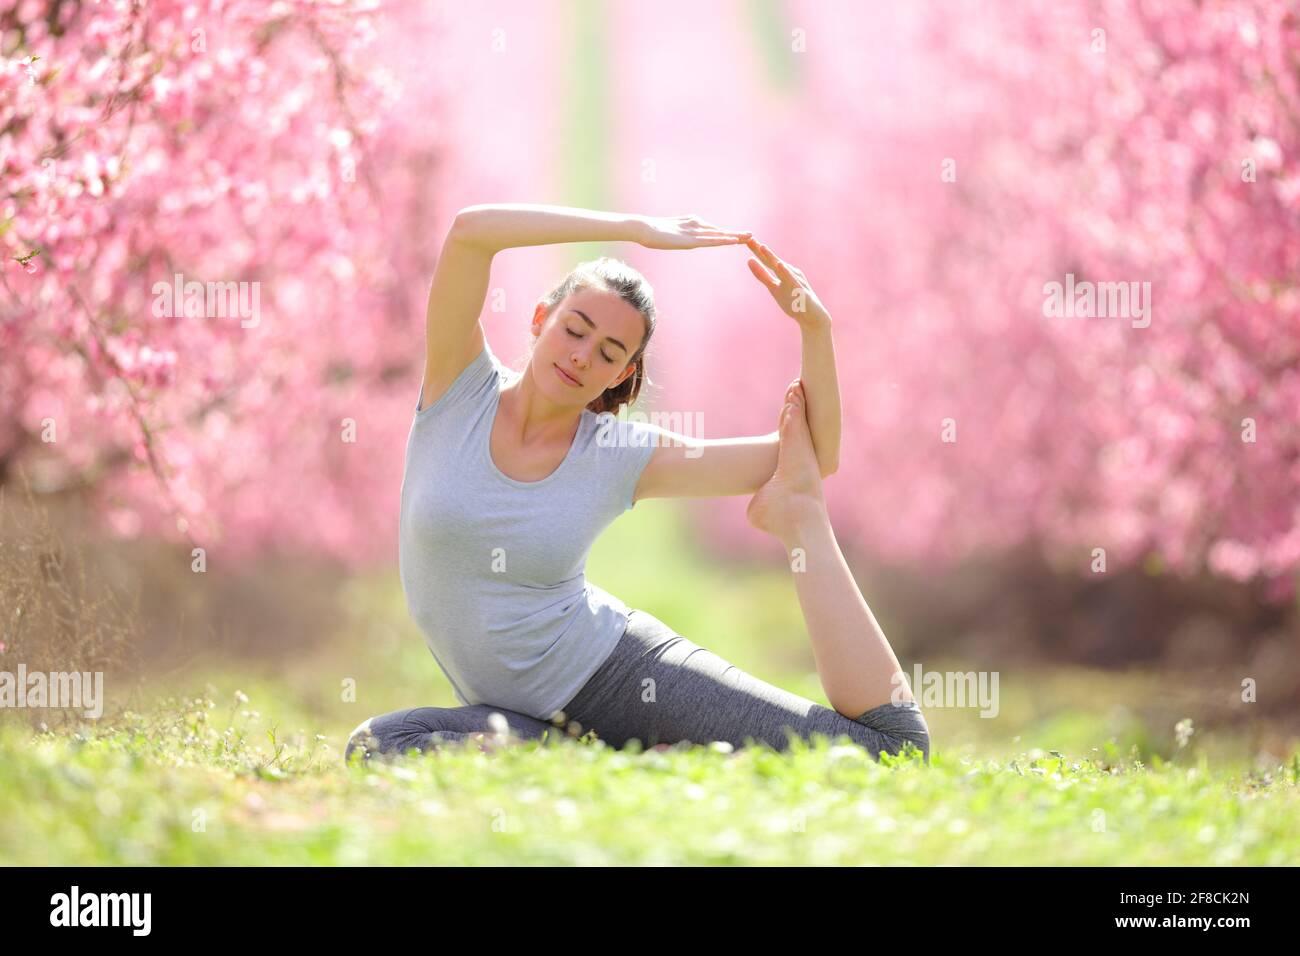 Vue de face d'un exercice de yoga yogi pratiqué dans un champ à fleurs roses Banque D'Images